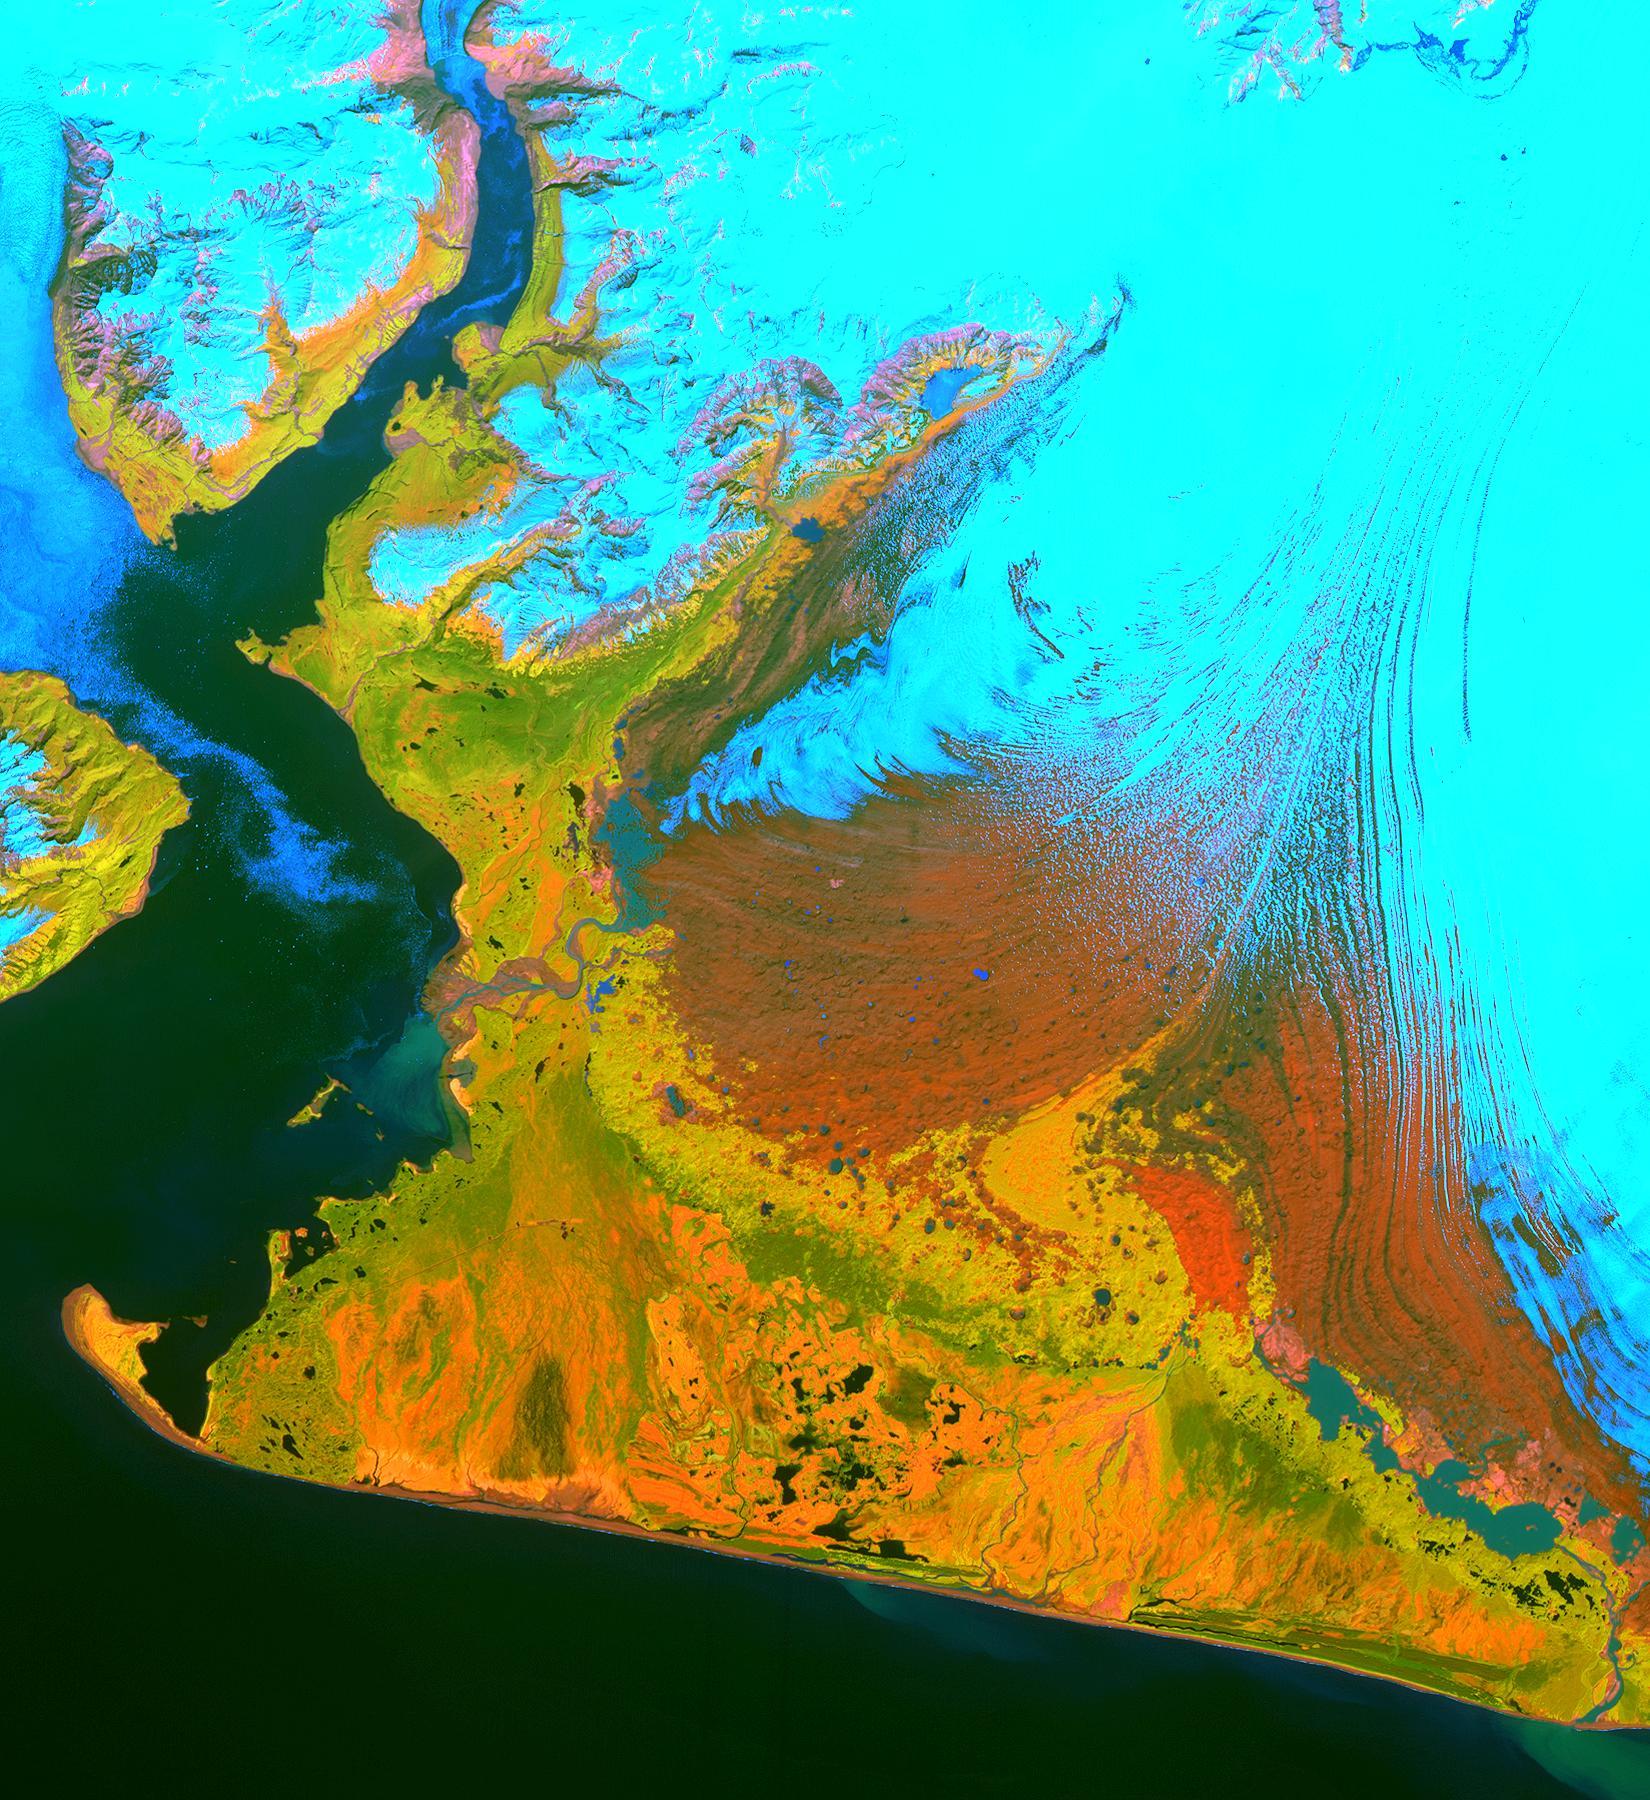 Это изобрежение со спутника ASTER охватывает площадь 40 на55 километров надюго-западной частью ледника Маласпина иЛедяной залив наАляске. Снег илед наснимке — светло-голубые, густая растительность — желто-оранжевая изеленая, а гравийные участки — оранжевым. Пословам доктора Денниса Трабанта (Геологическая служба США, Фэрбенкс), ледник Маласпина истончается. Терминальная морена защищает его отконтакта соткрытым океаном; безморены, или если уровень моря поднимется достаточно, чтобы соединить ледник сокеаном, он начнет терять массу. Данные ASTER используются длямониторинга размеров идвижения примерно 15 000 приливных ипредгорных ледников наАляске. Сейчас данные говорят отом, что всего несколько десятков ледников Аляски растут. Подавляющее большинство изних отступают.